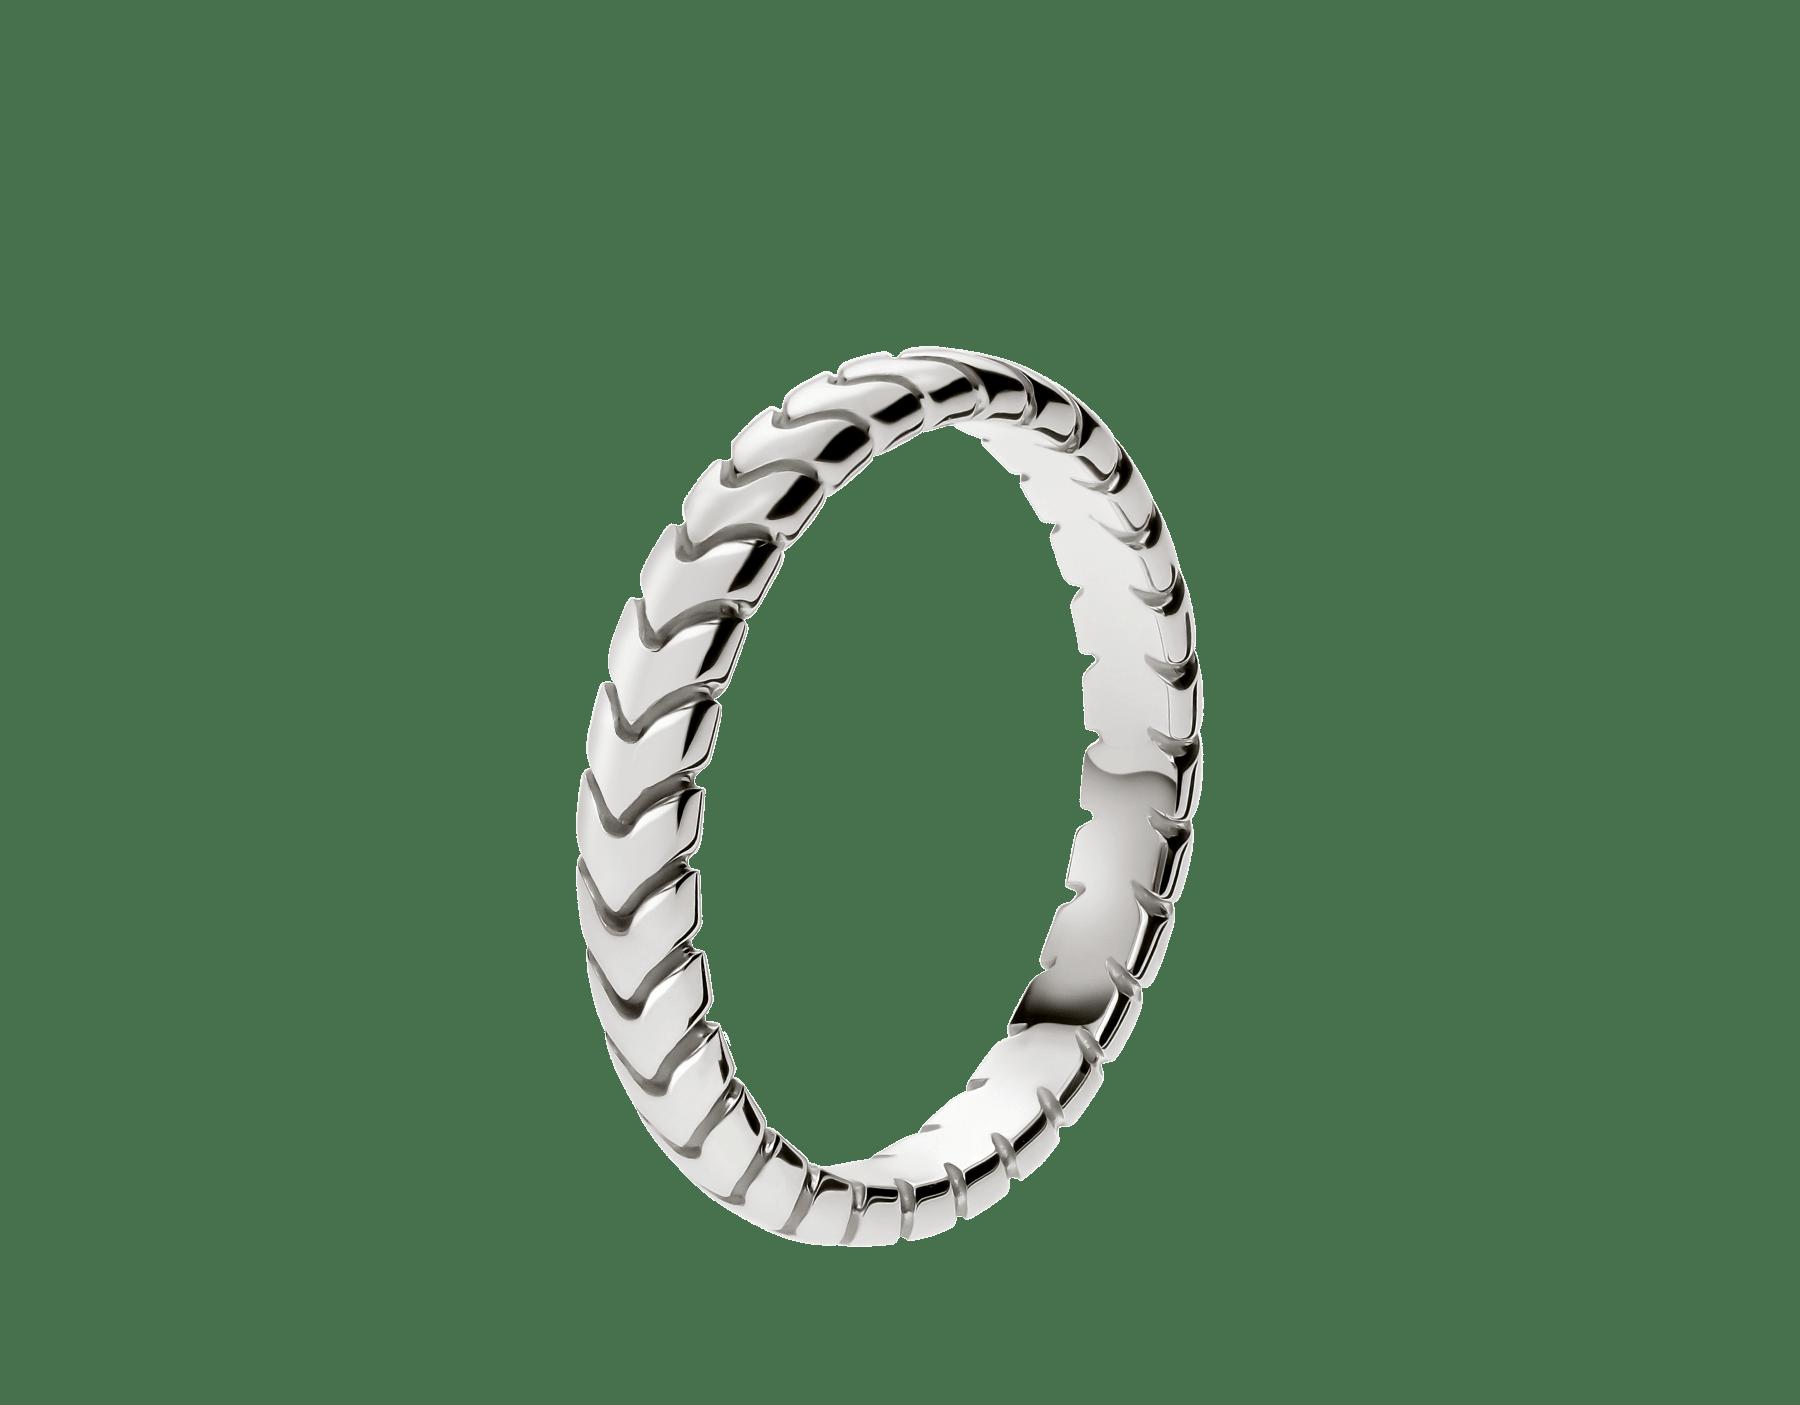 スピガ ウェディング・リング。プラチナ製結婚指輪。(3mm幅) AN856816 image 1